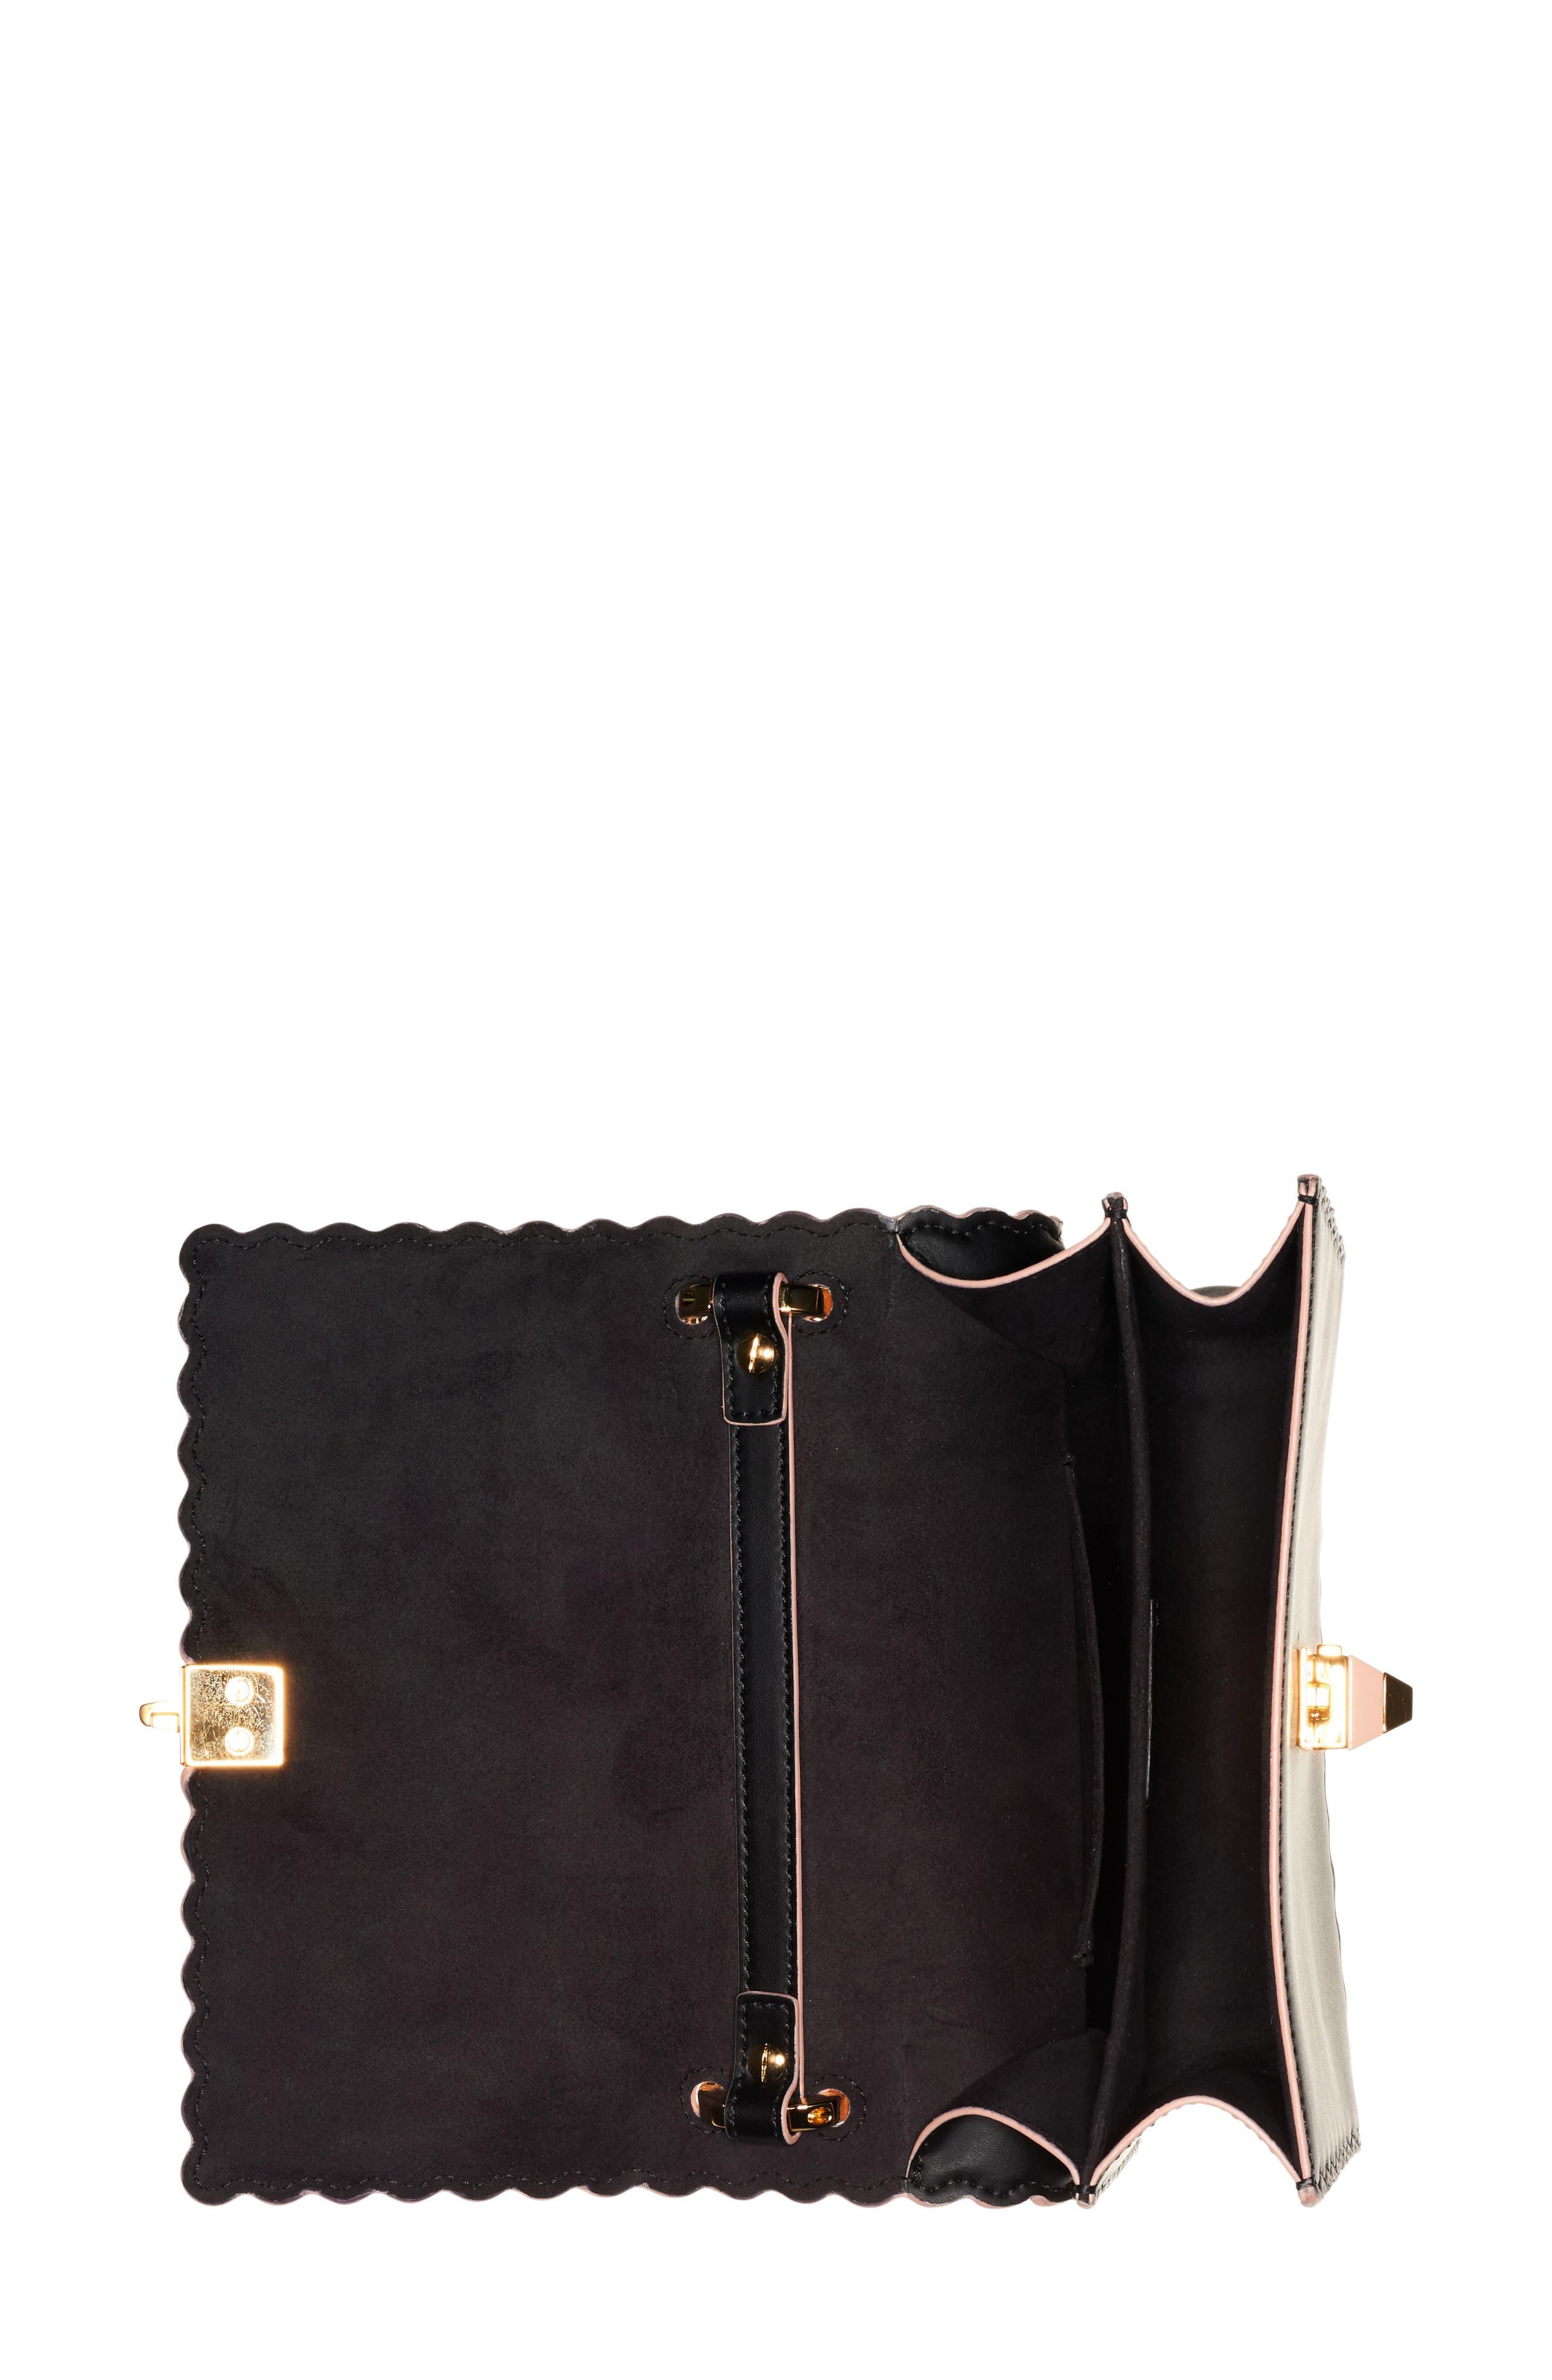 Alternate Image 3  - Fendi Small Kan I Scallop Leather Shoulder Bag